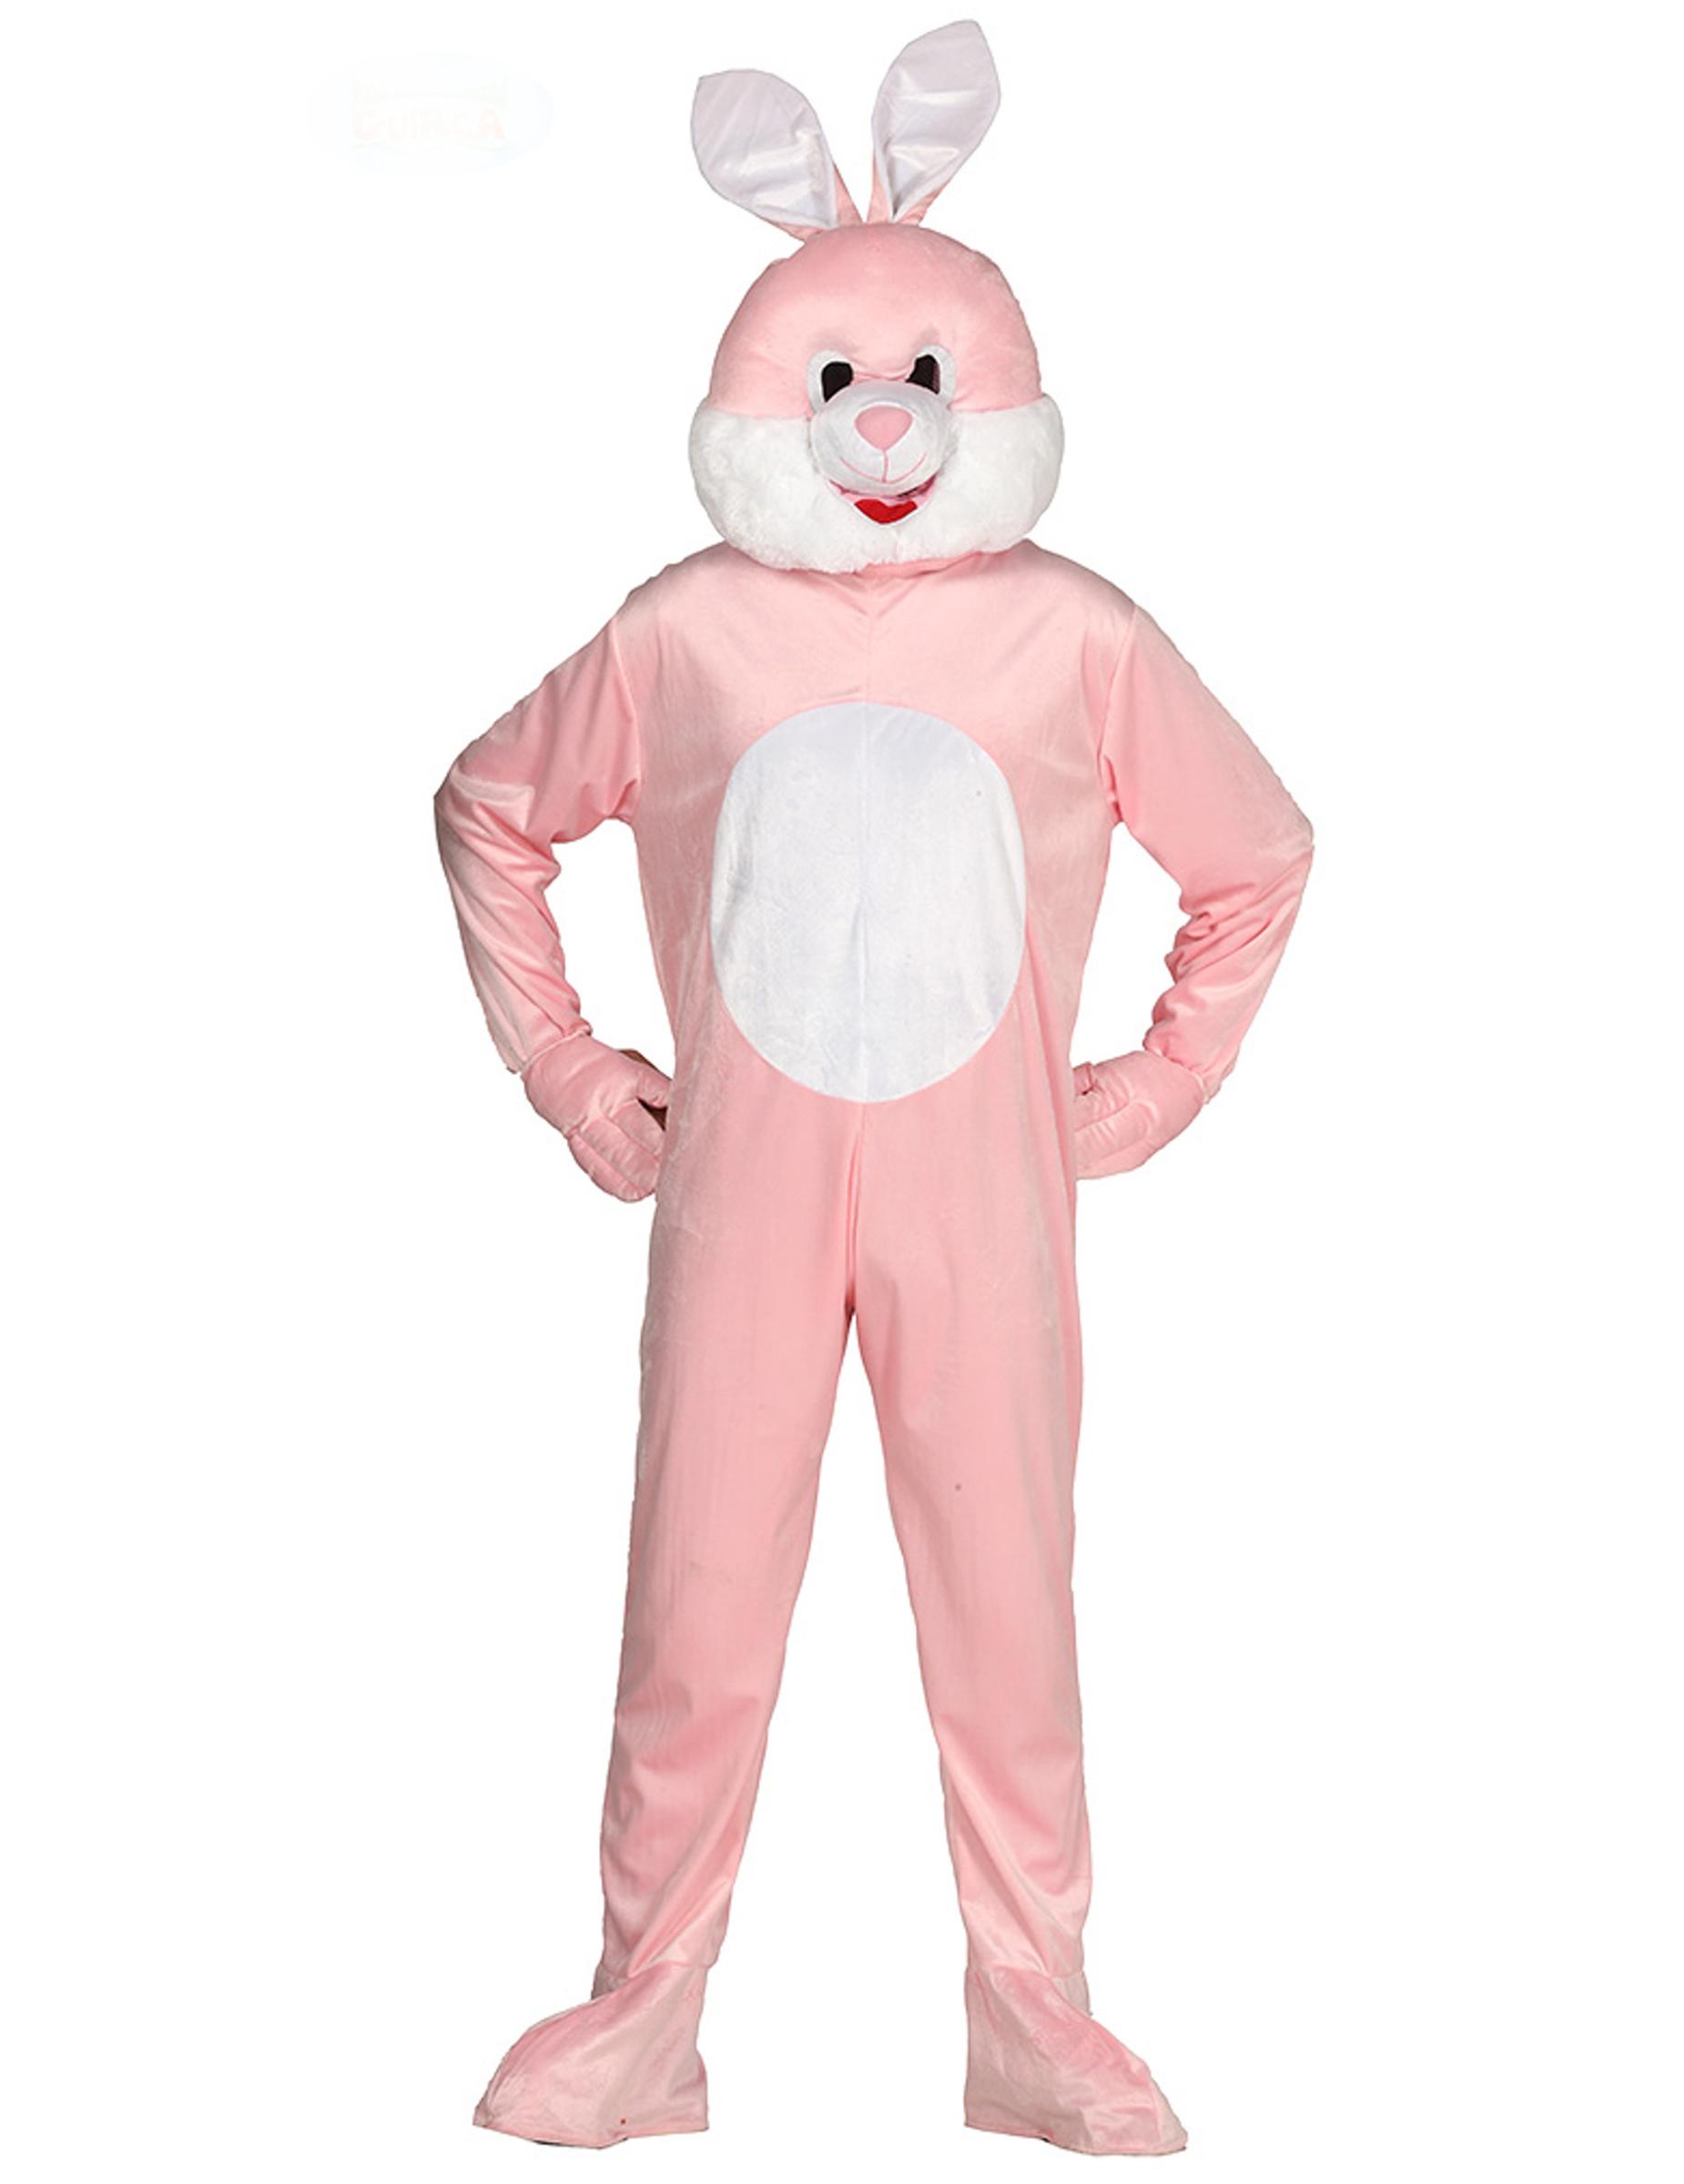 neueste kaufen attraktive Mode Verarbeitung finden Hasen Kostüm für Erwachsene Maskottchen-Verkleidung rosa-weiss